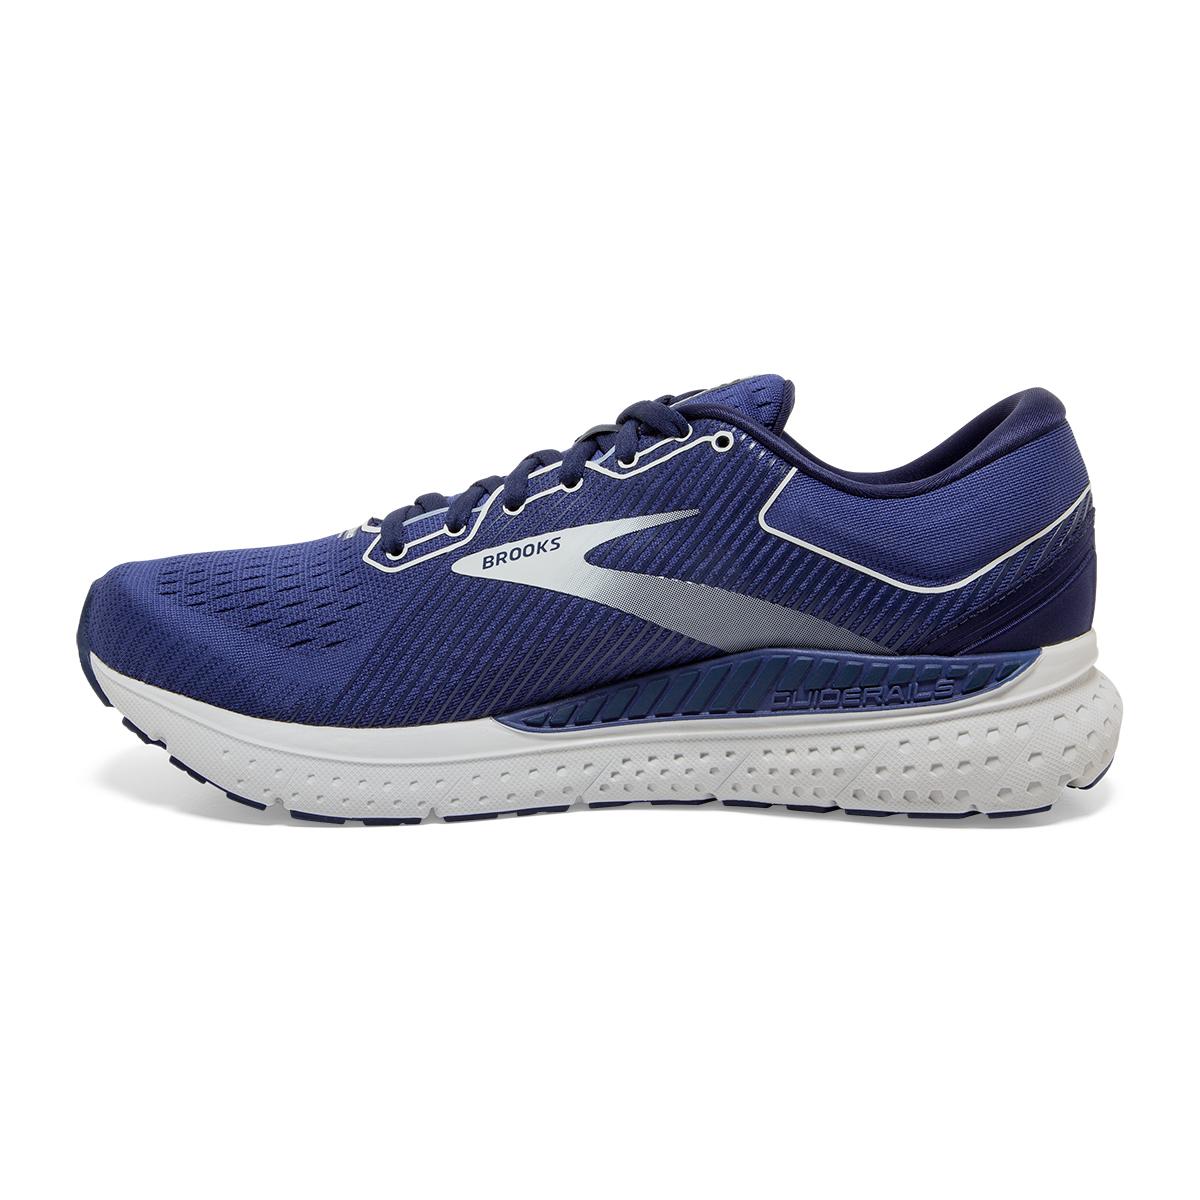 Men's Brooks Transcend 7 Running Shoe - Color: Deep Cobalt/Grey - Size: 7 - Width: Regular, Deep Cobalt/Grey, large, image 5